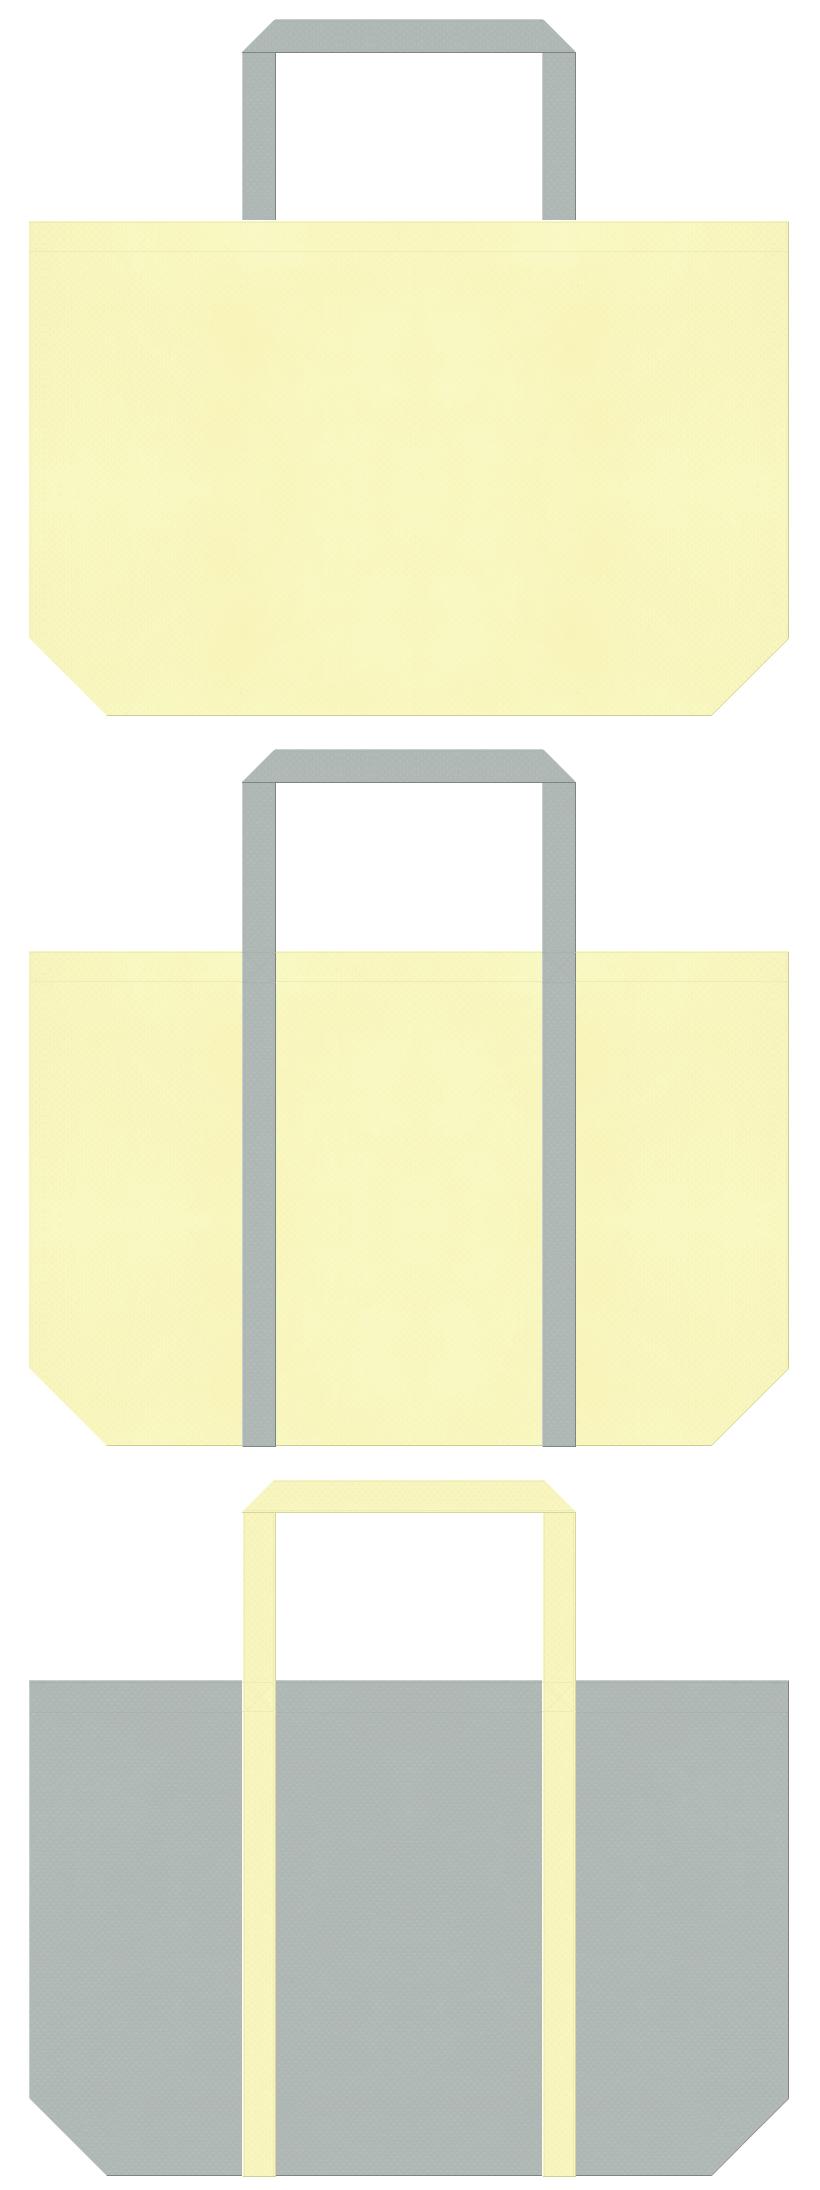 薄黄色とグレー色の不織布マイバッグデザイン。照明器具の展示会用バッグにお奨めです。